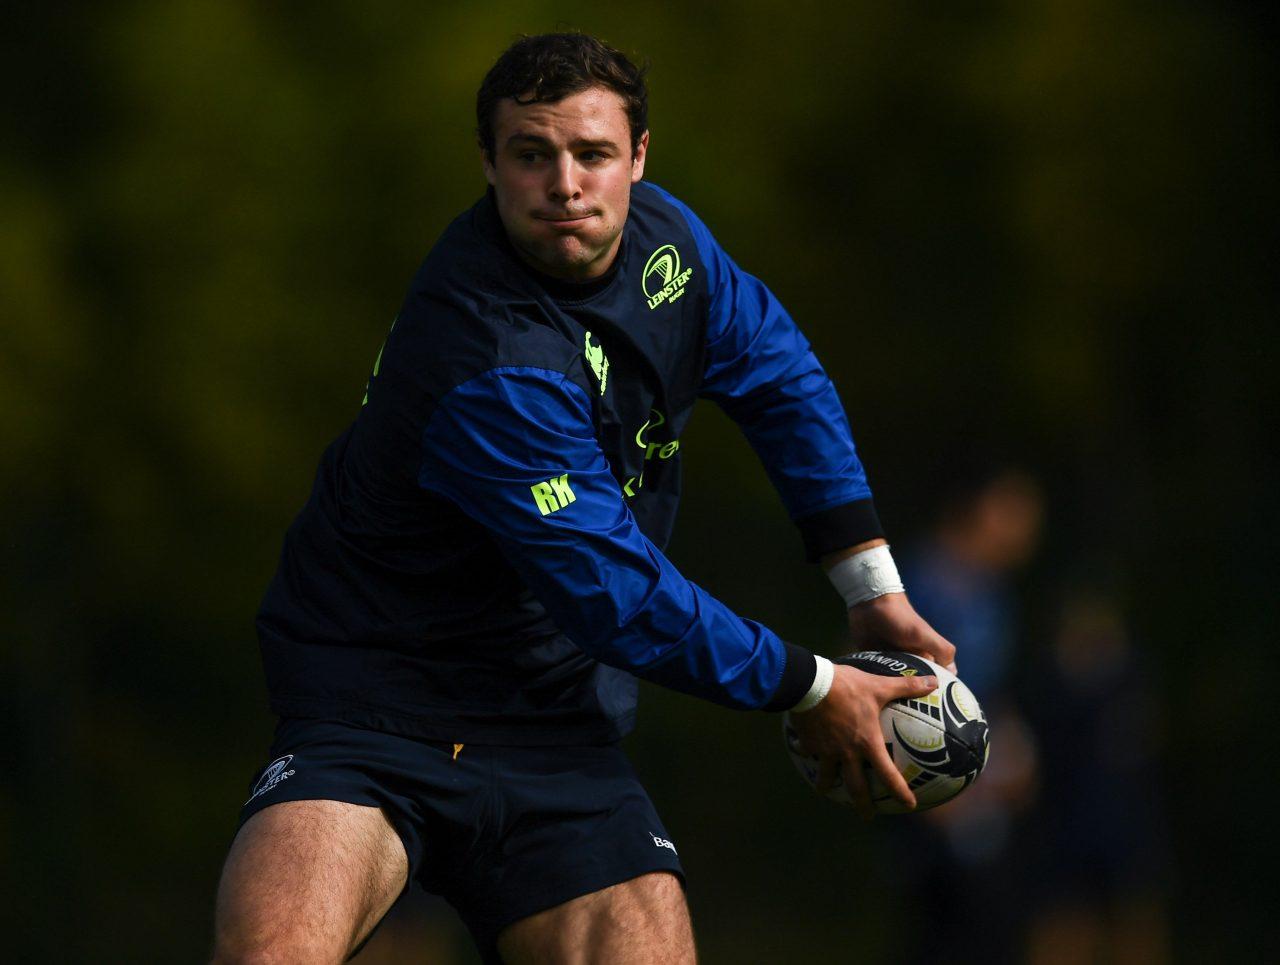 Robbie Henshaw to Make Leinster Debut